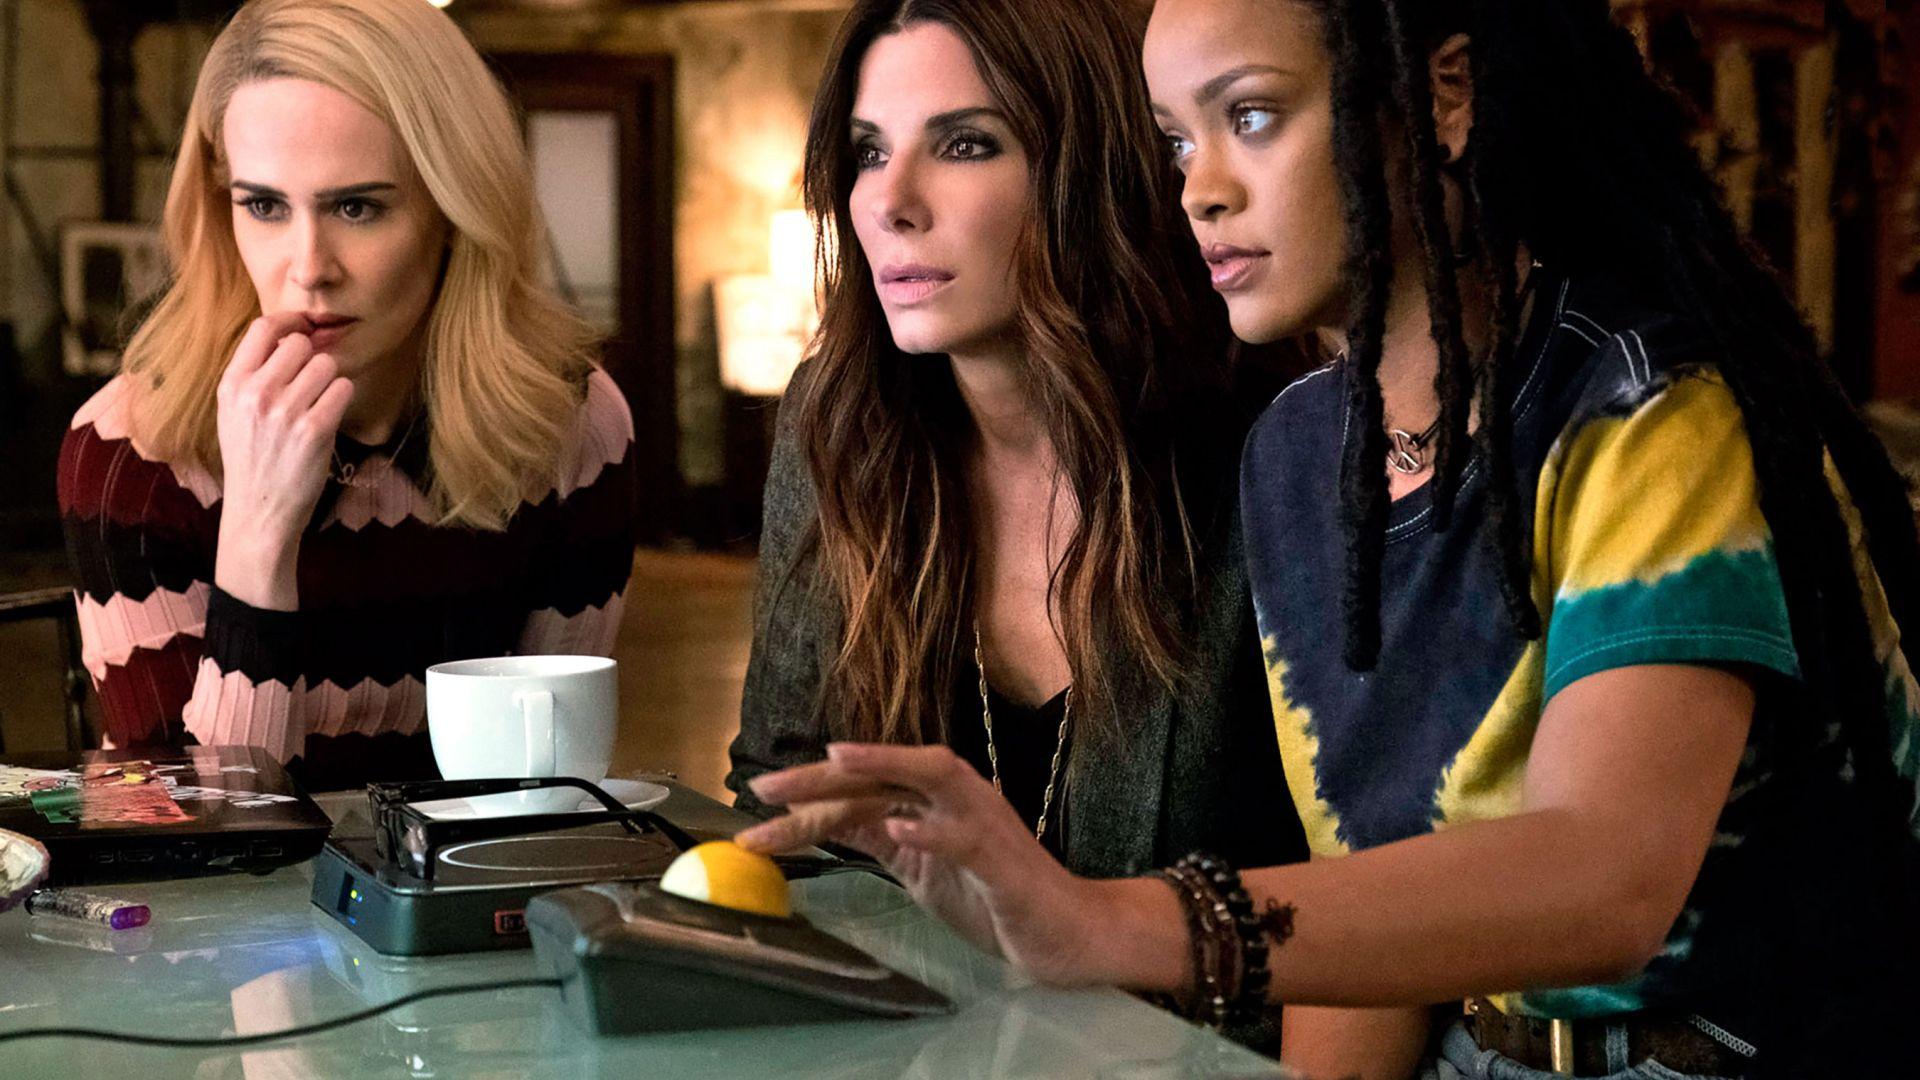 Sandra Bullock, Rihanna, Sarah Paulson, Ocean's 8, 2018 movie, actress